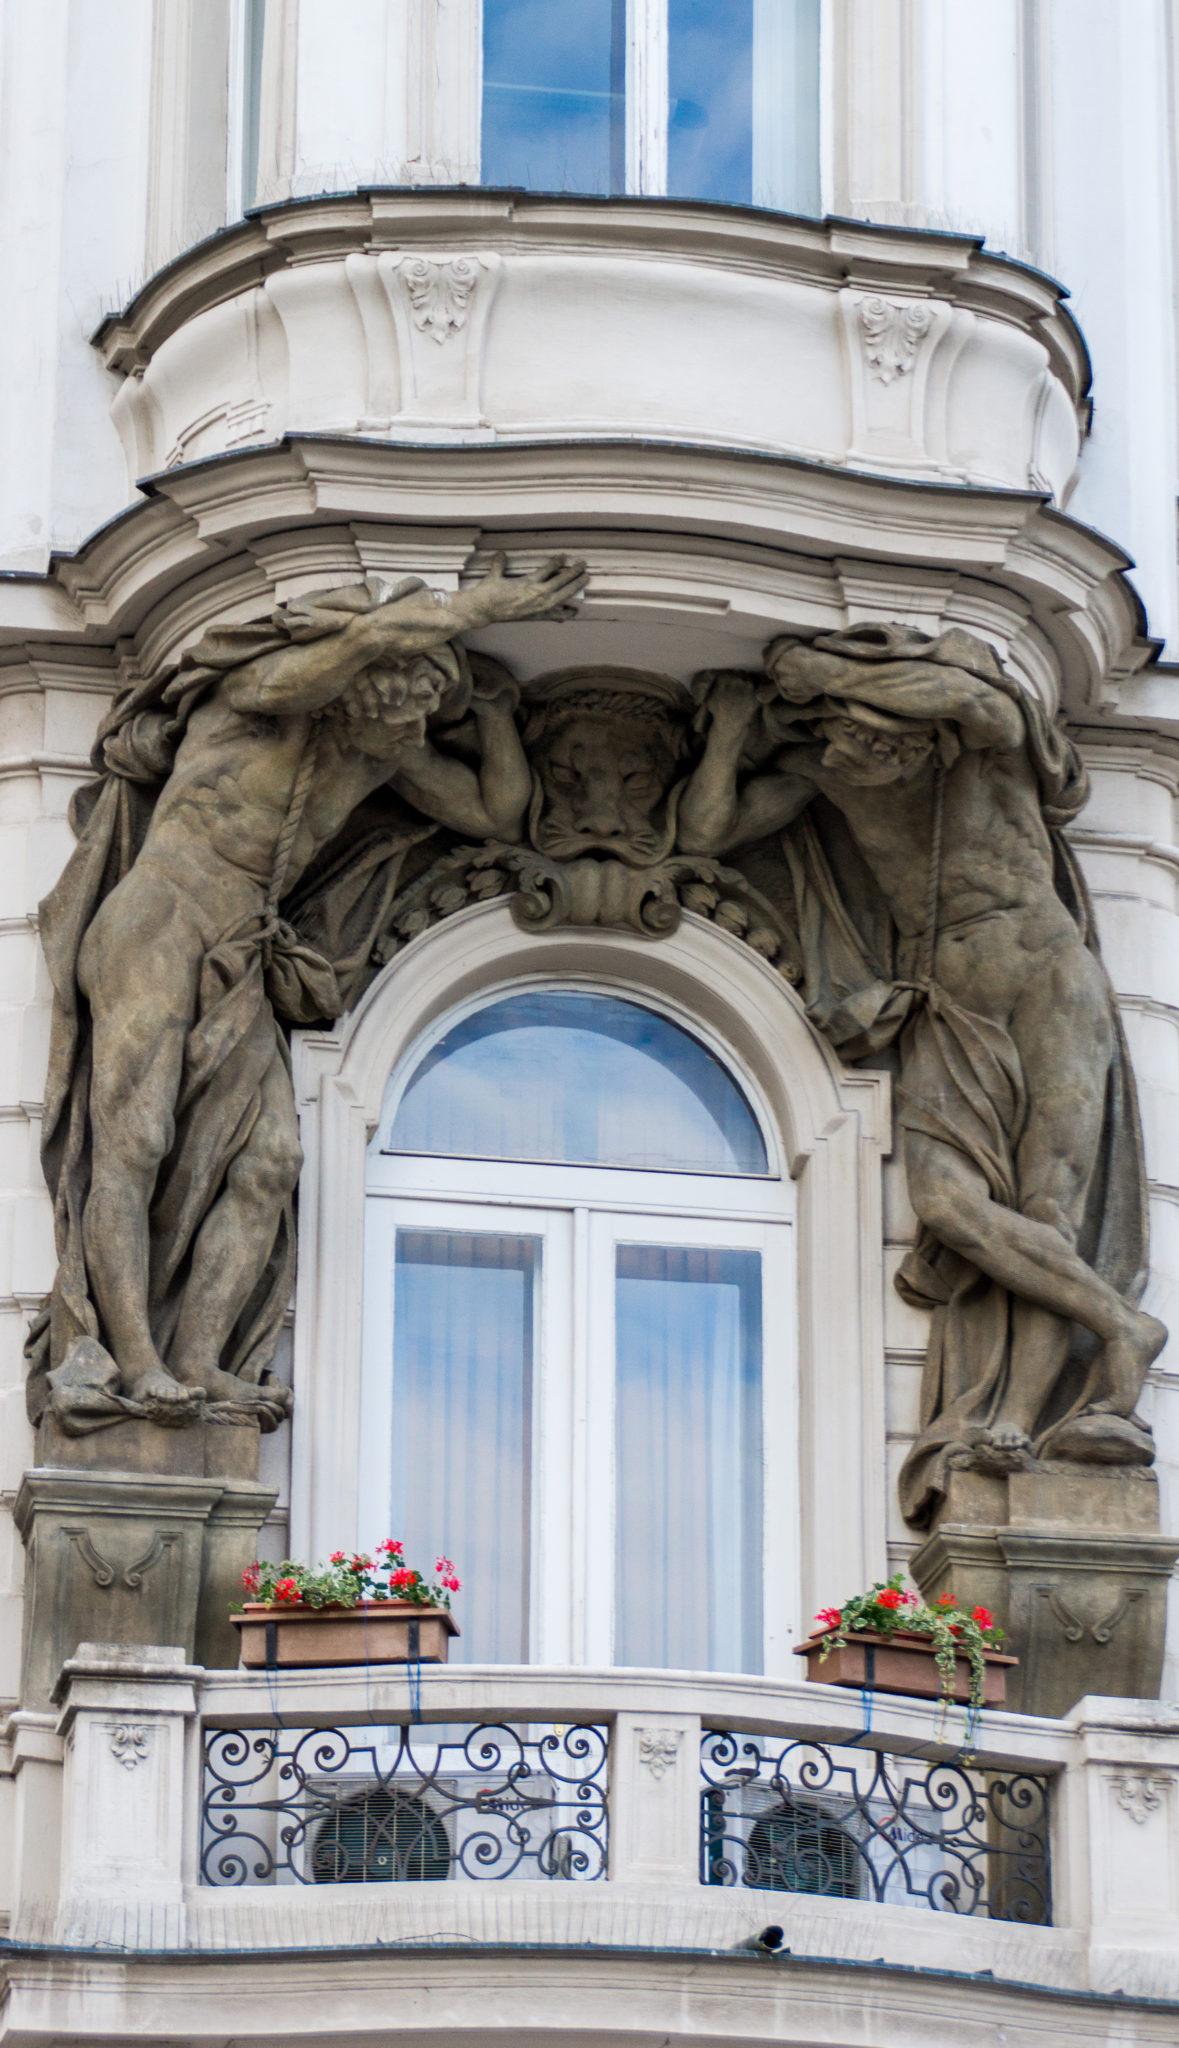 Un balcone modesto a Praga